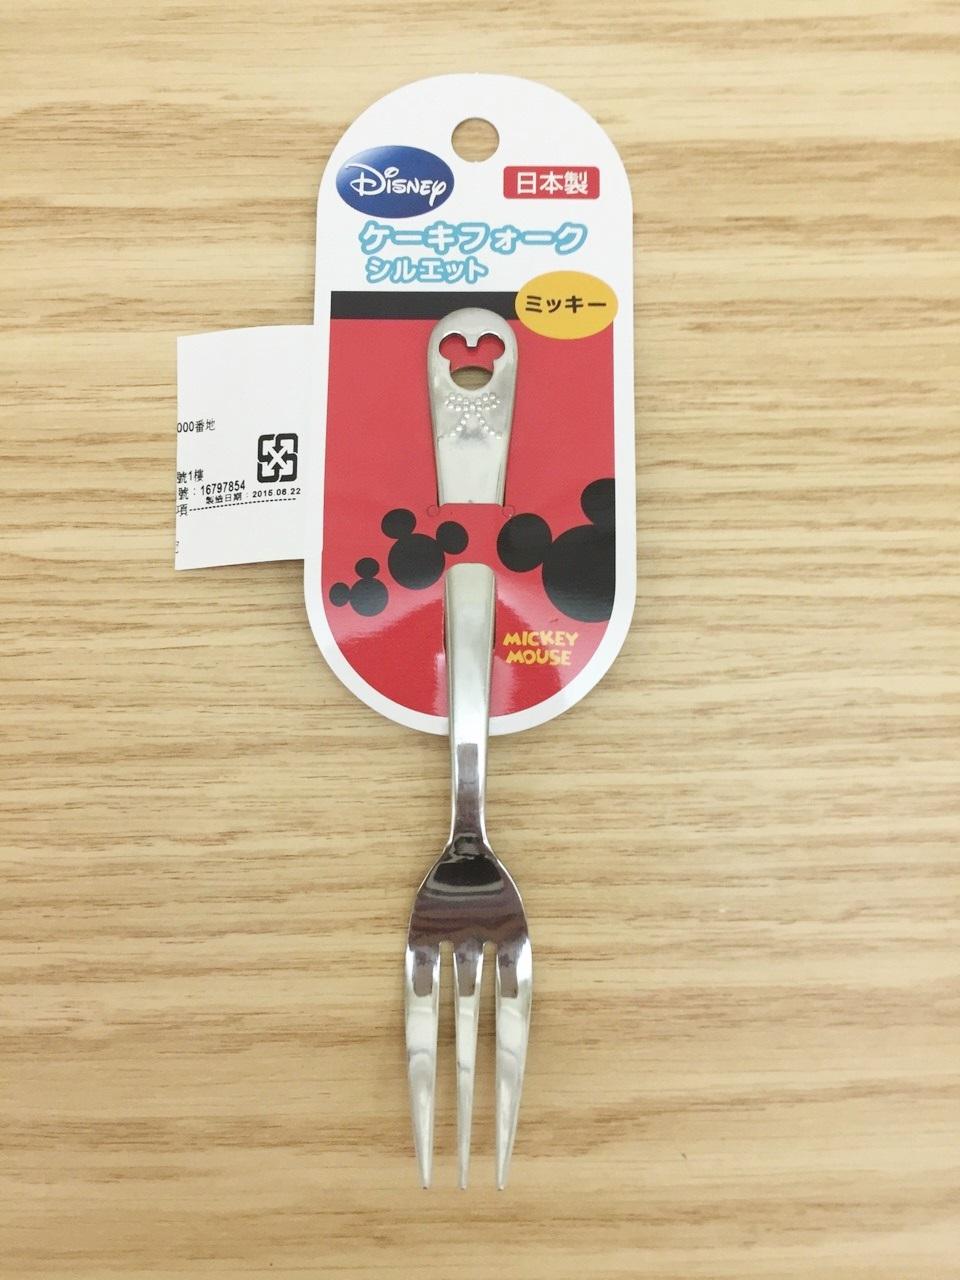 【真愛日本】15112700006造型不鏽鋼叉子小-MK頭 迪士尼 米老鼠米奇 米妮 叉子 水果叉 食器 餐具